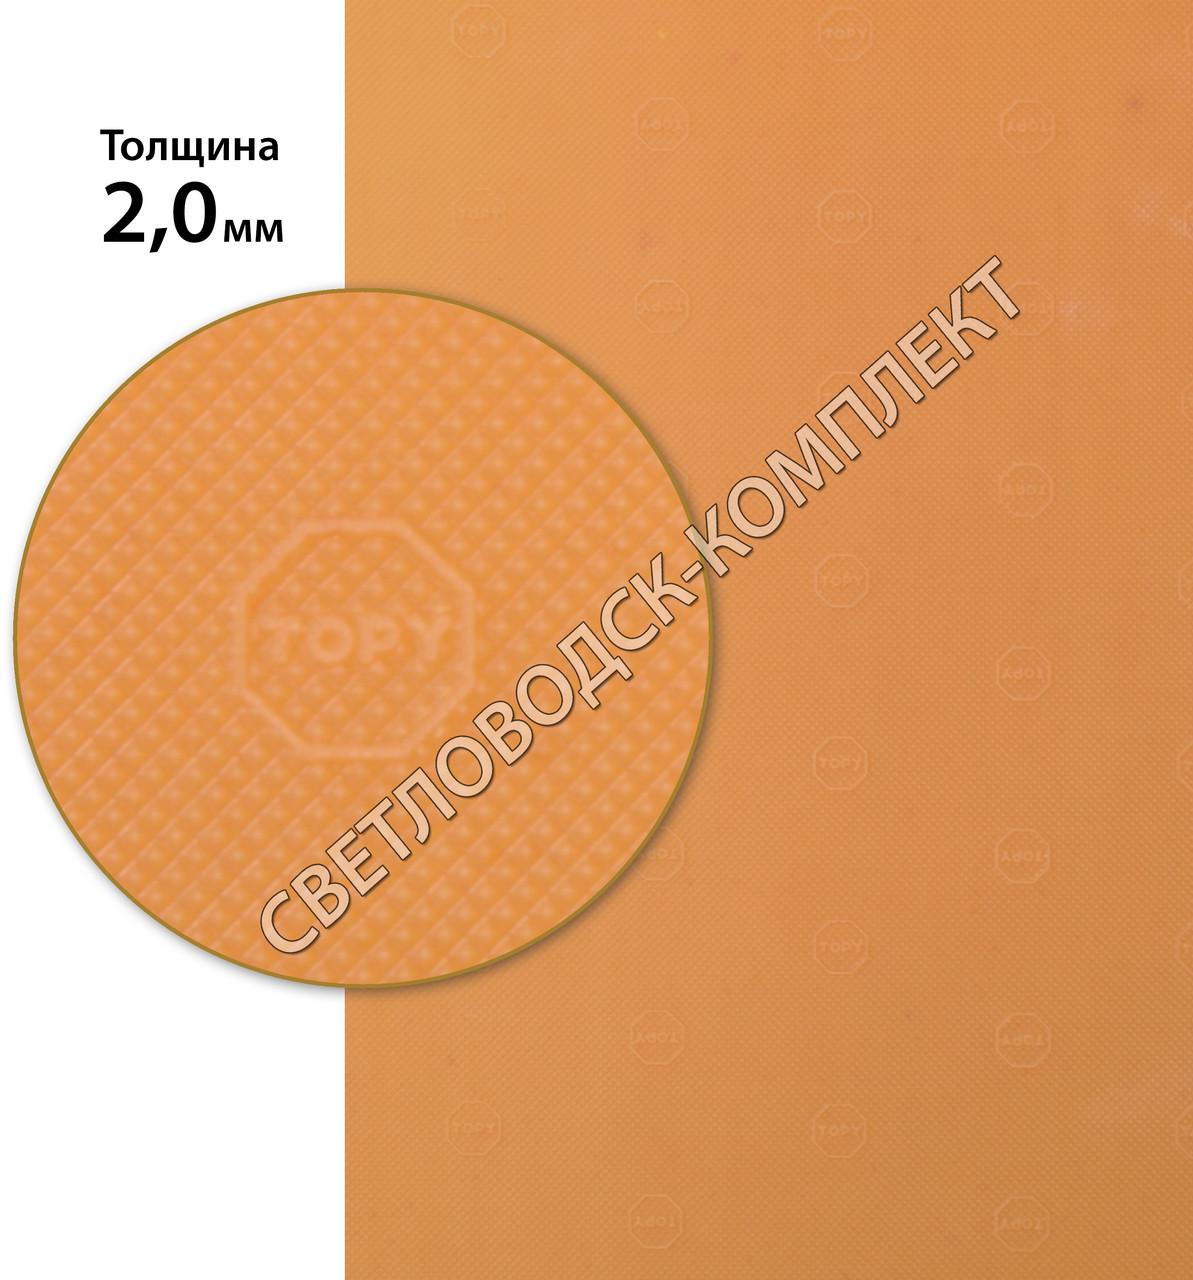 «Эластичка» рисунок «ТОРY» (Китай), р. 400*600*2.0 мм, цв. бежевый - резина подметочная/профилактика листовая